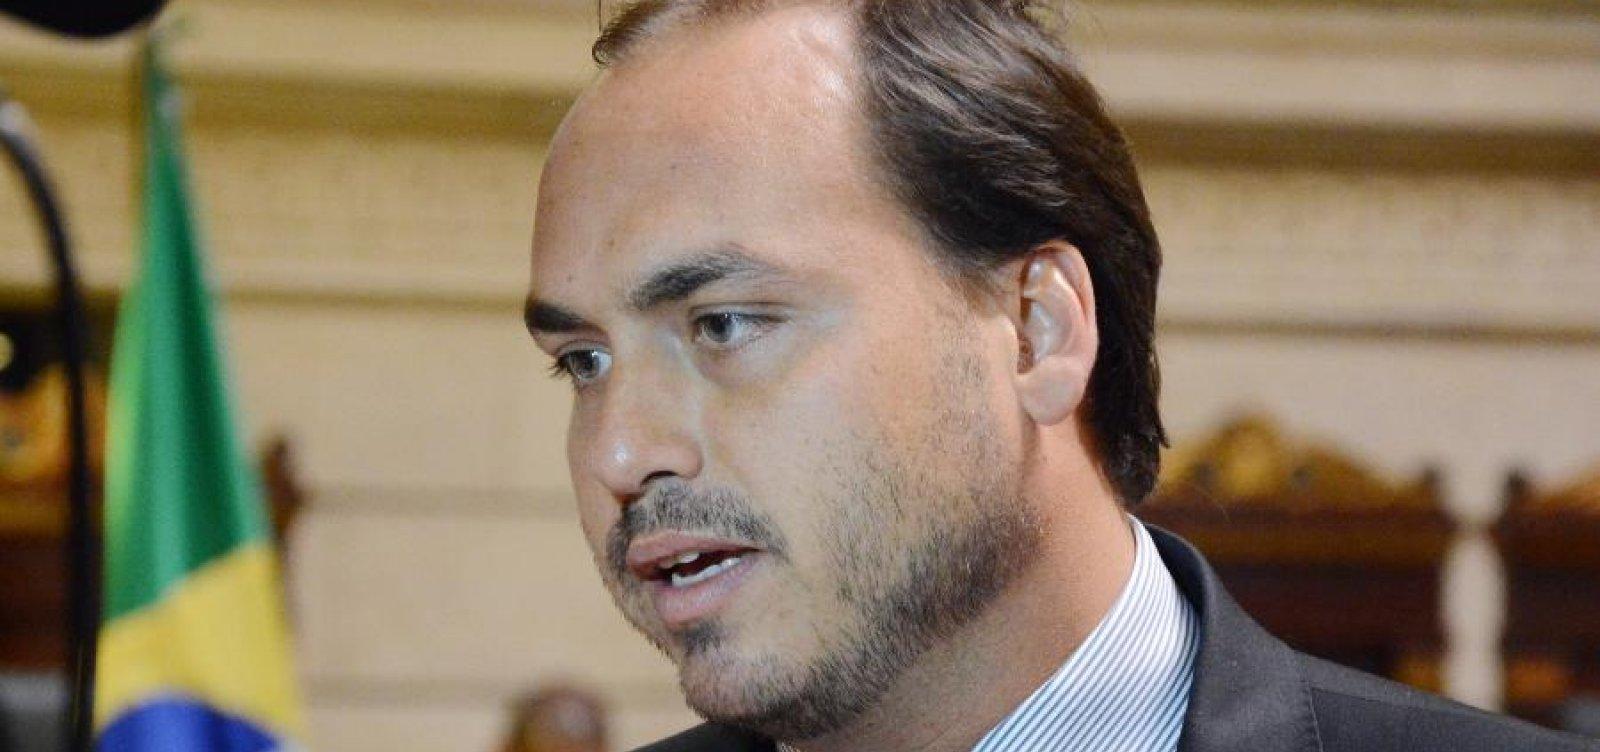 ['Por vias democráticas a transformação que o Brasil quer não acontecerá', diz Carlos Bolsonaro]